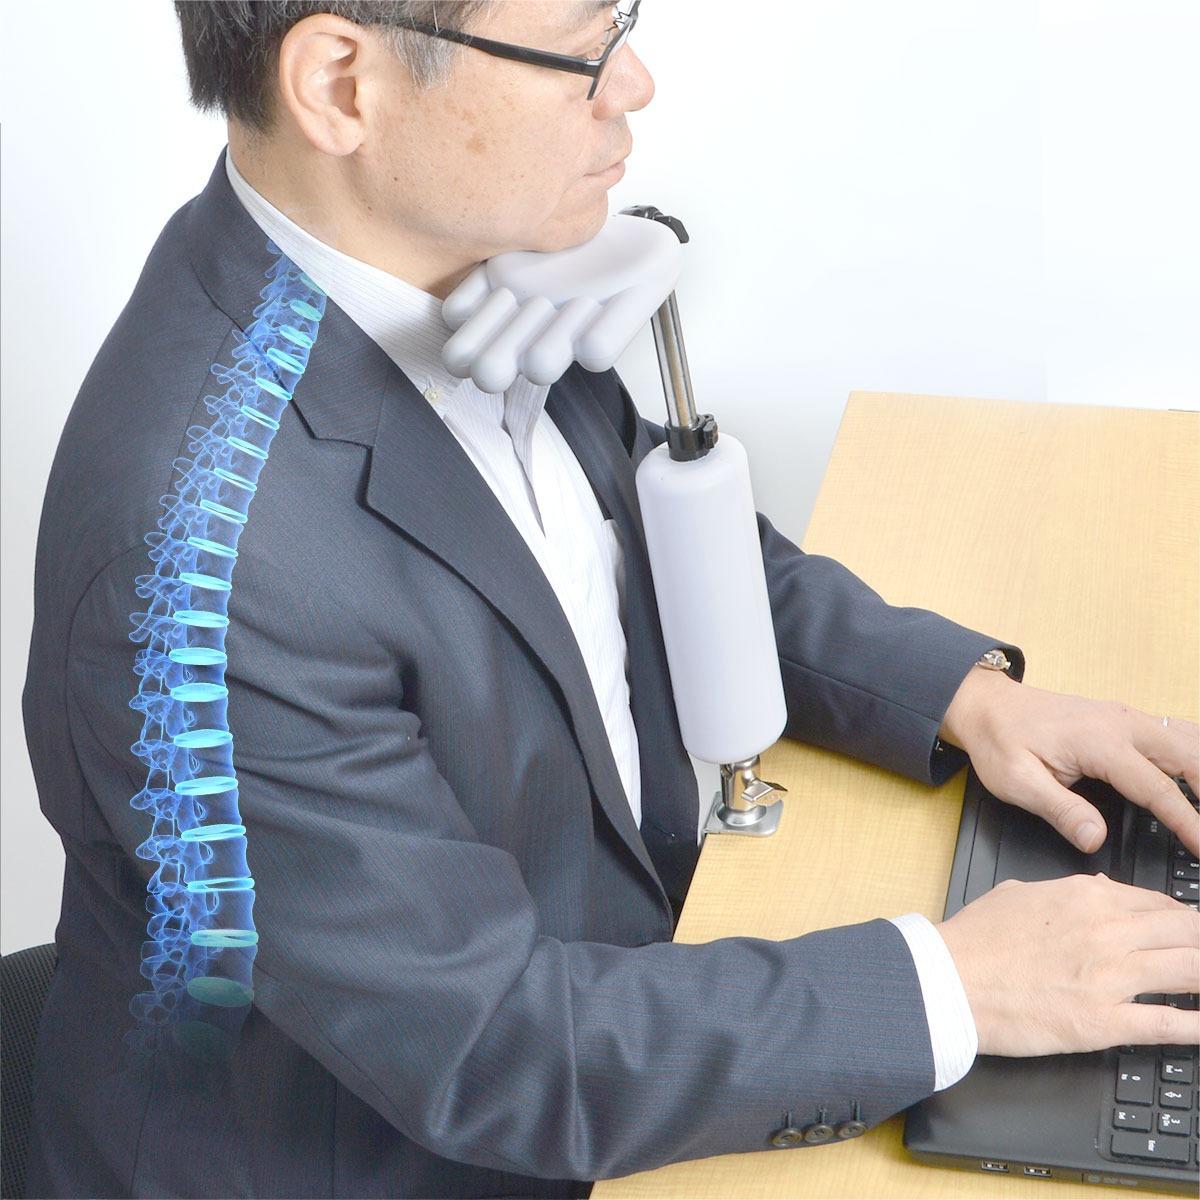 Egy furcsa műanyag kéz akadályozza meg az íróasztal feletti elalvást